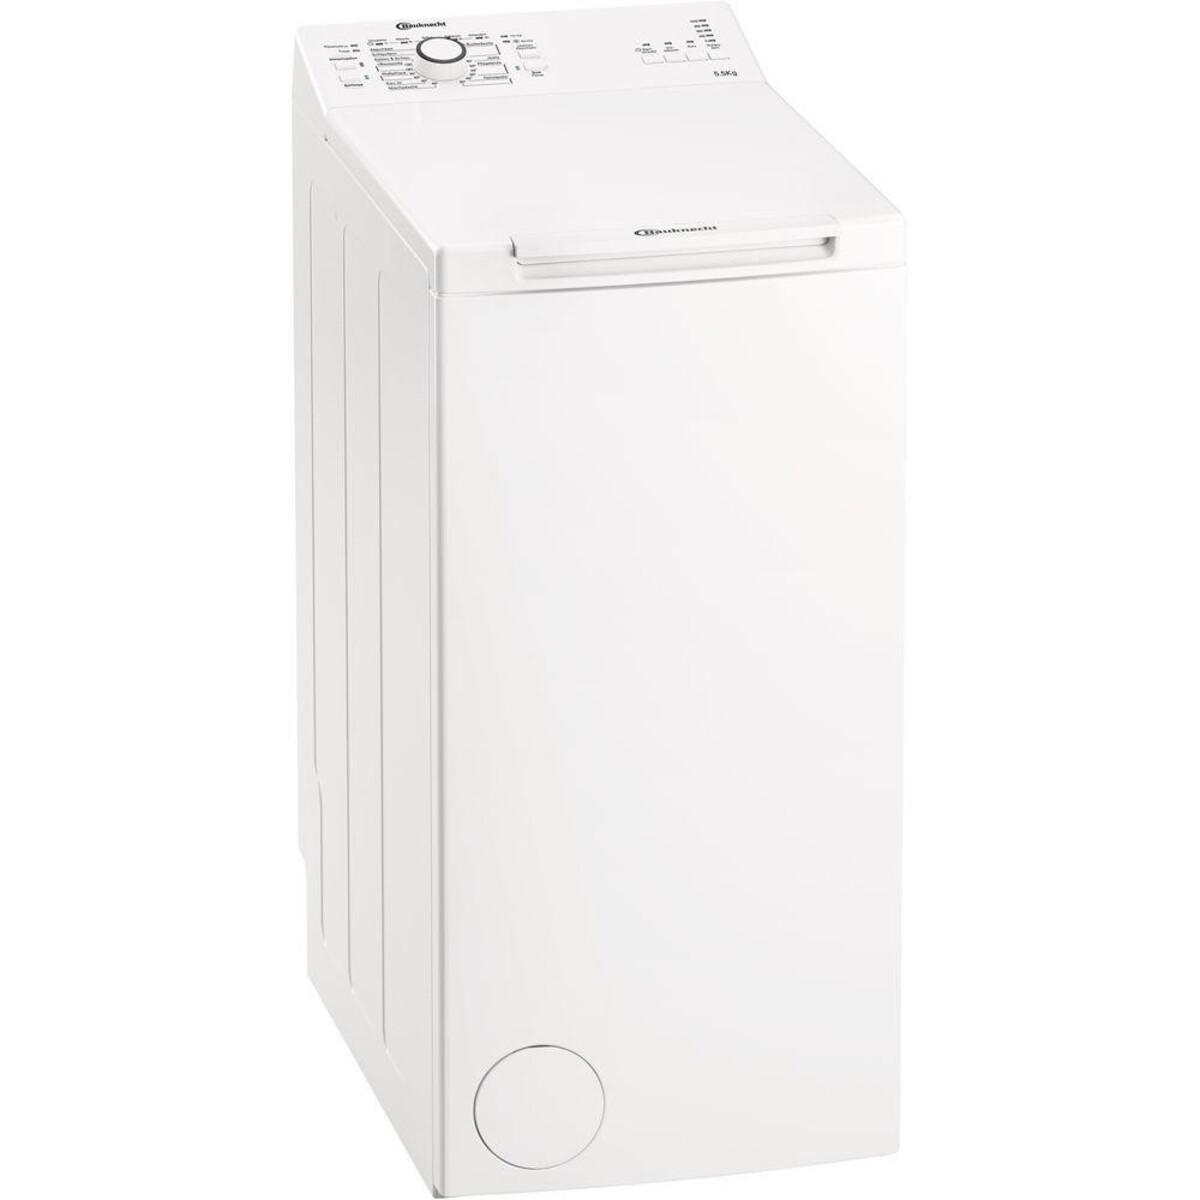 Bild 1 von BAUKNECHT WMT Pro 55U Waschmaschine (EEK: A++, 5,5 kg Fassungsvermögen, Mehrfachwasserschutz+, Mengenautomatik)